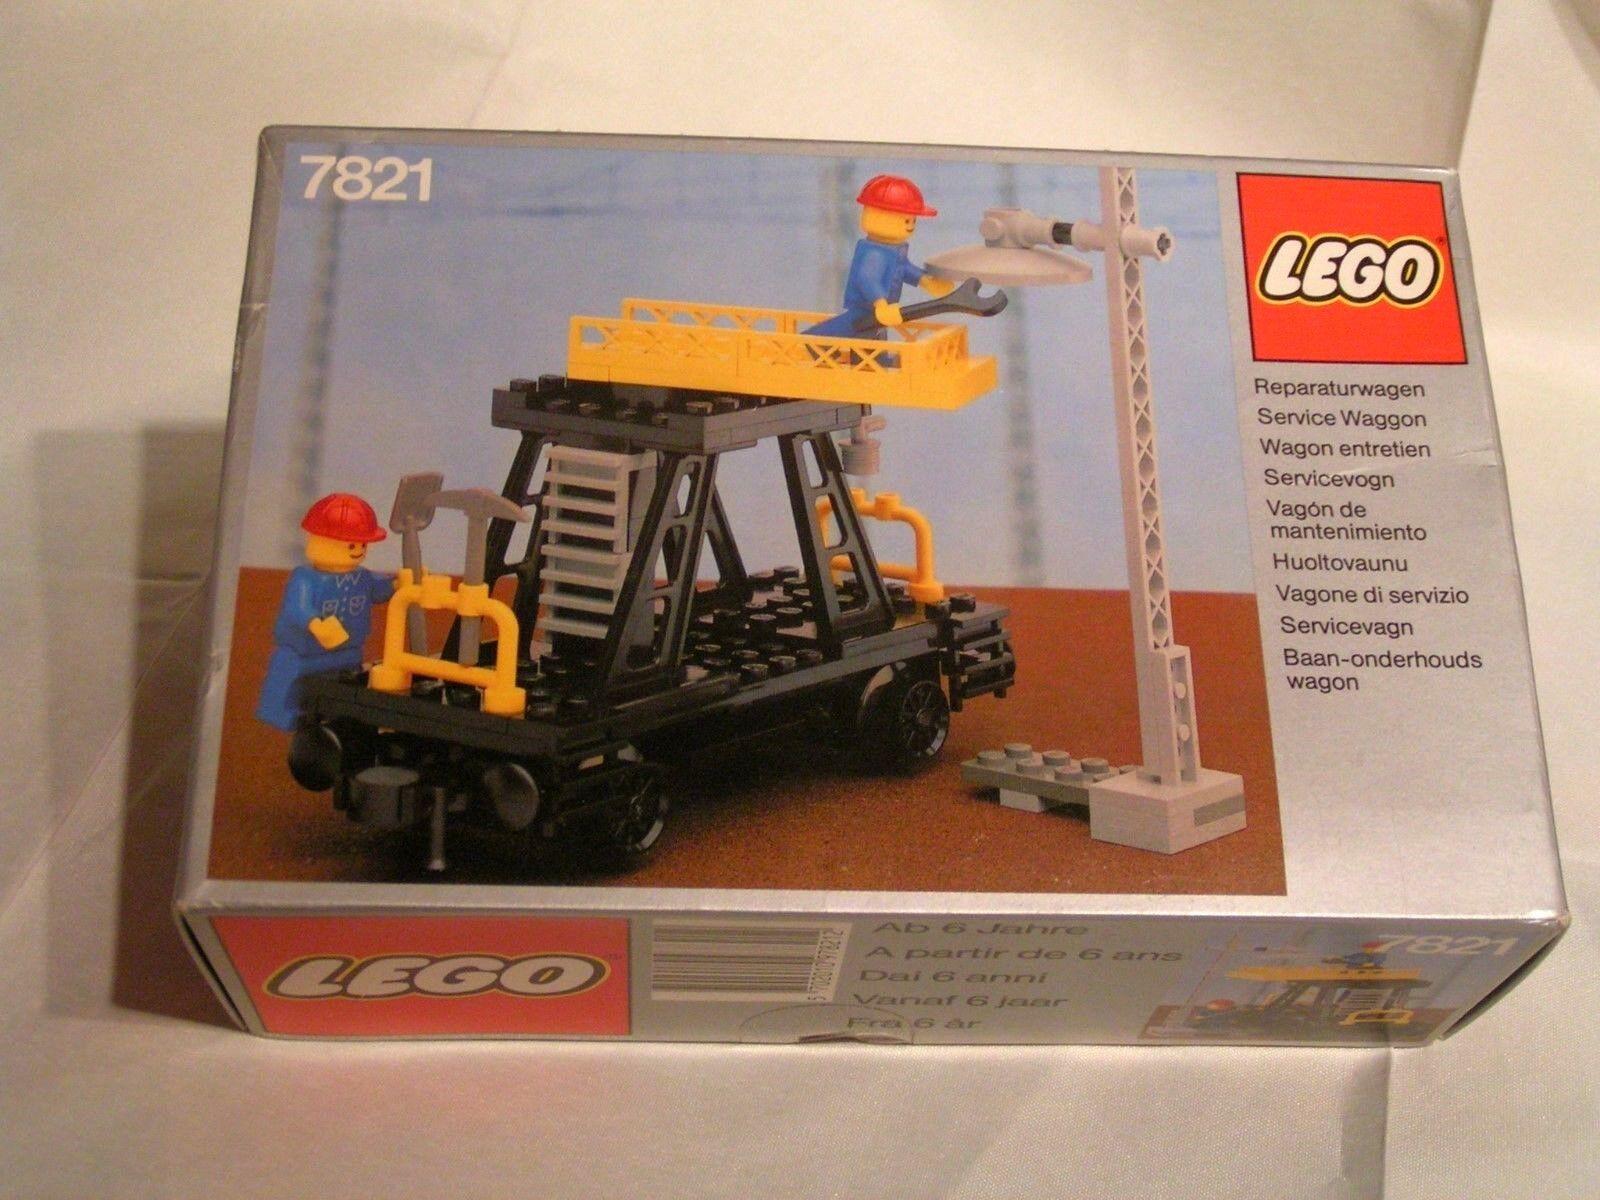 LEGO TRAIN   -   WAGON  DE MAINTENANCE COMPLET EN BOÏTE  (réf. 7821)  -  RARE